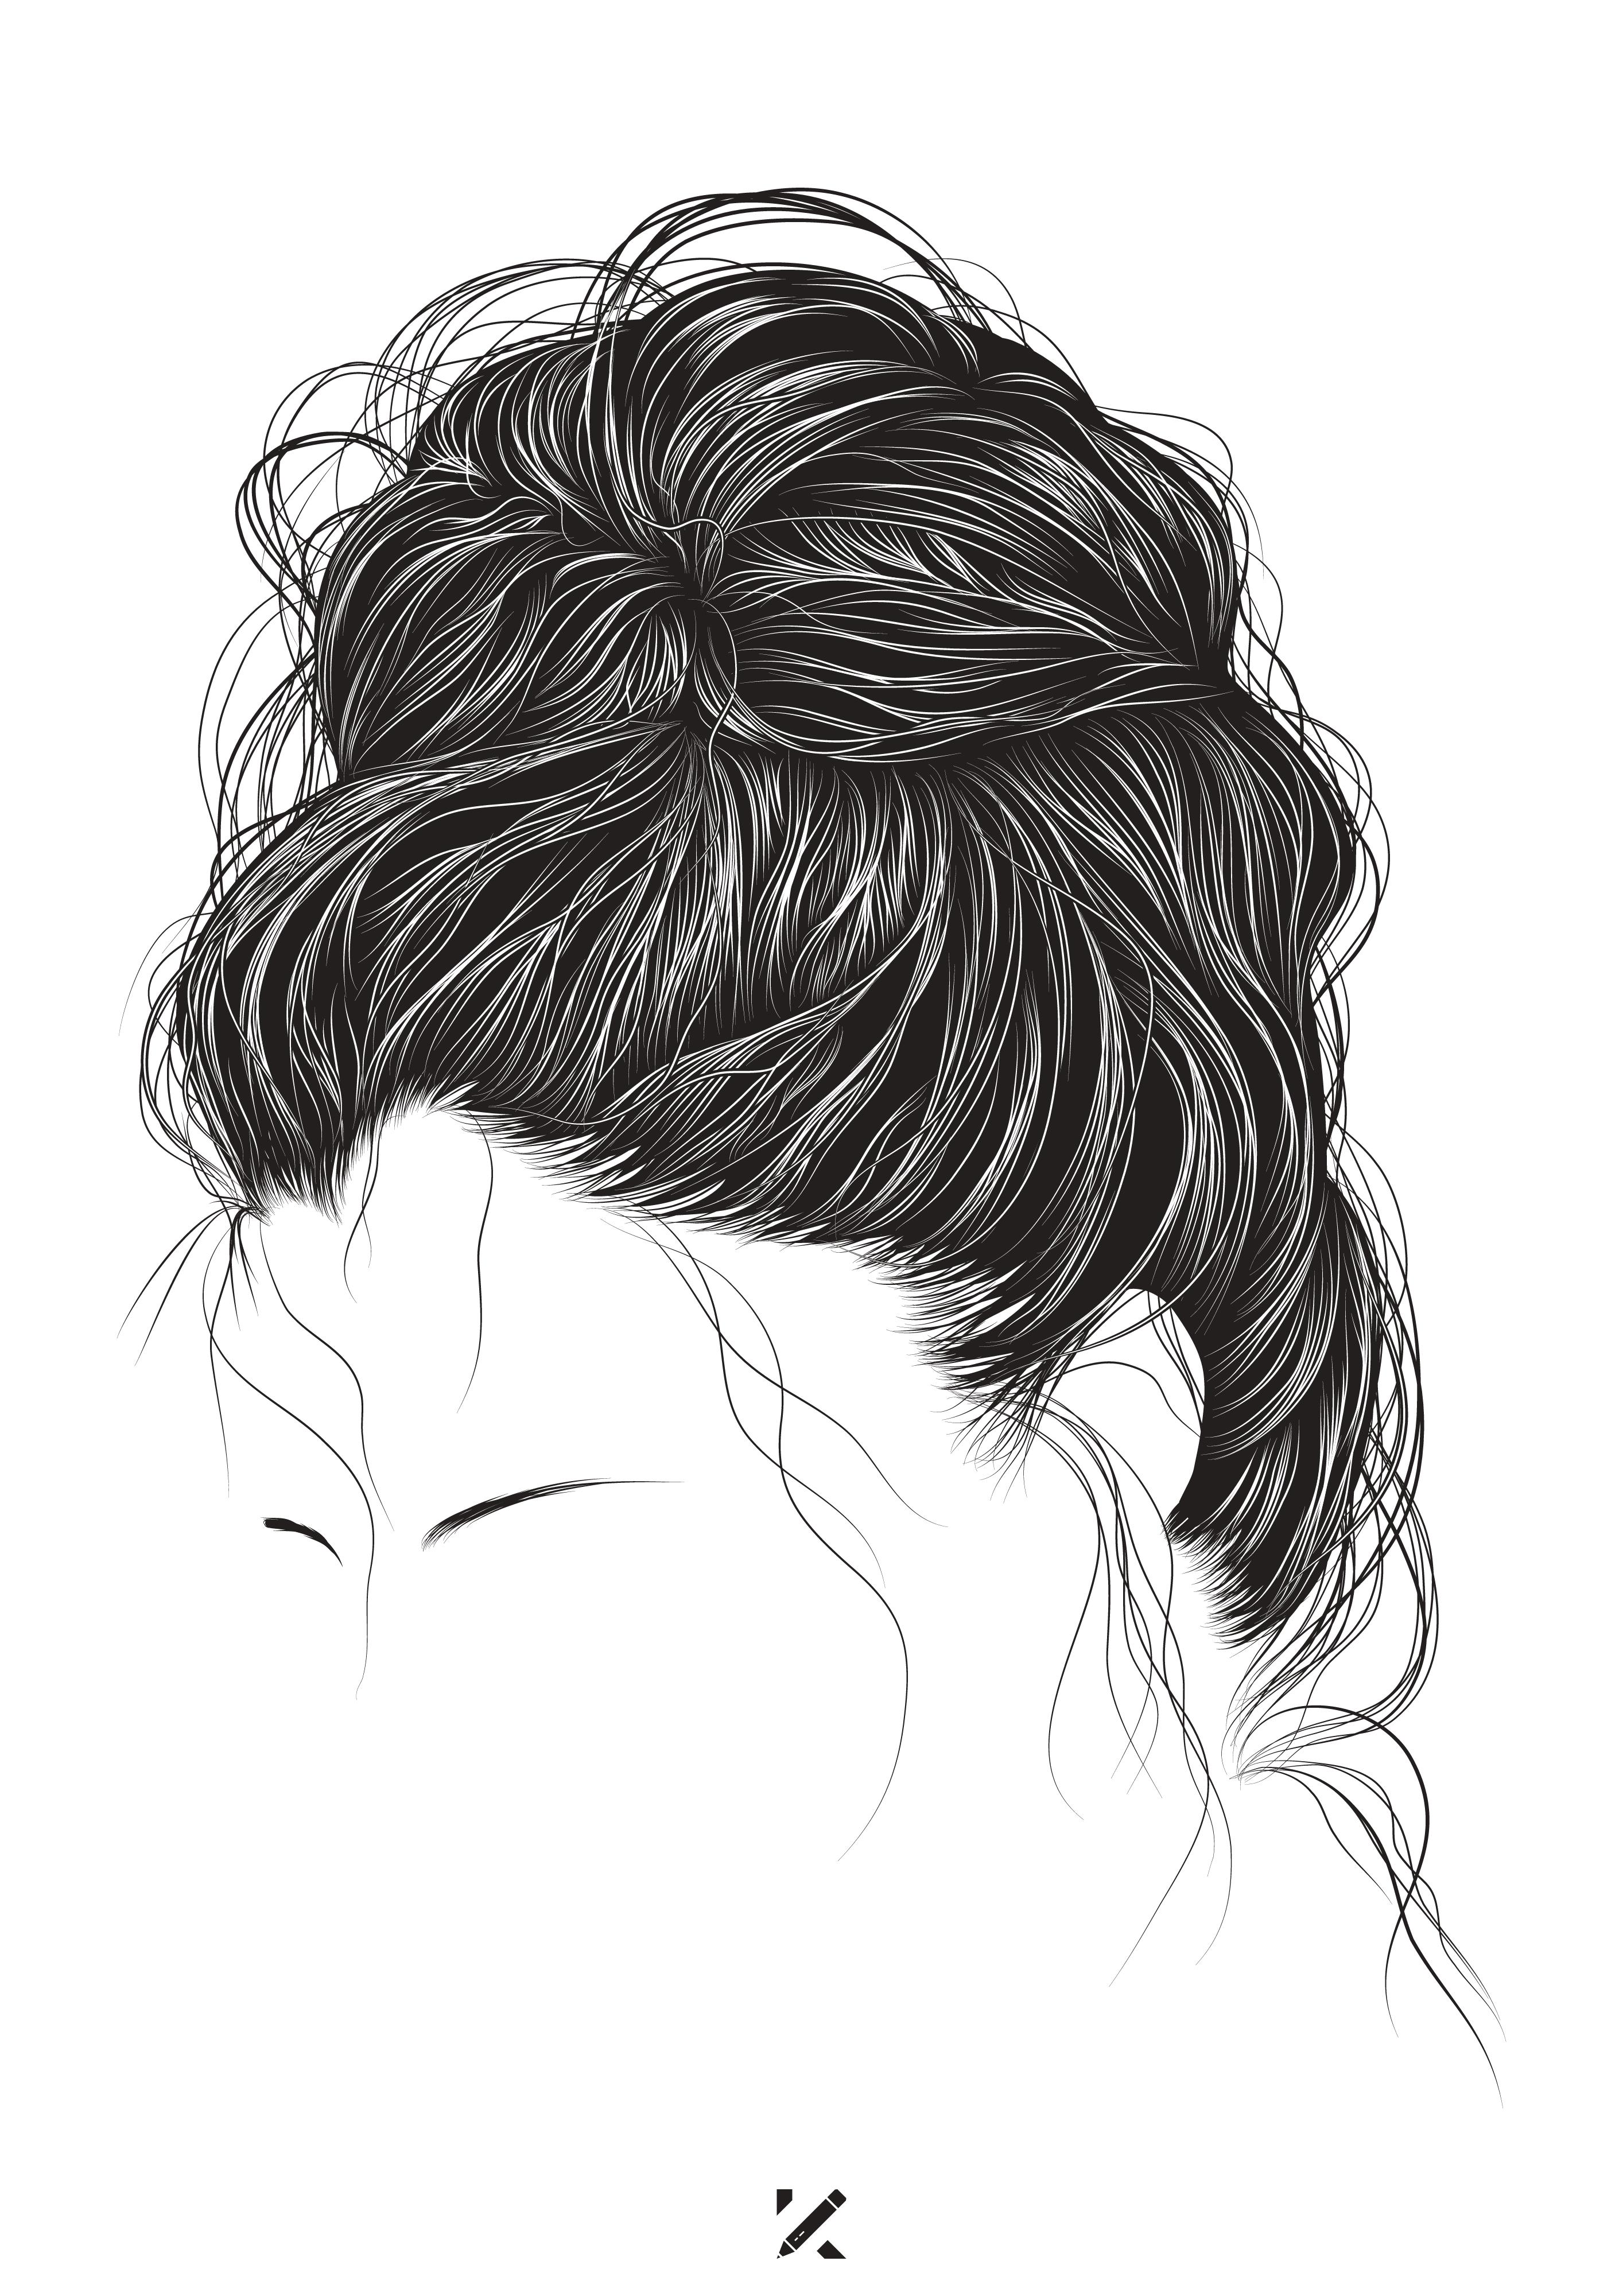 Pin By Mira Mironova On Tattoo Messy Bun Hairstyles Messy Hairstyles Bun Hairstyles